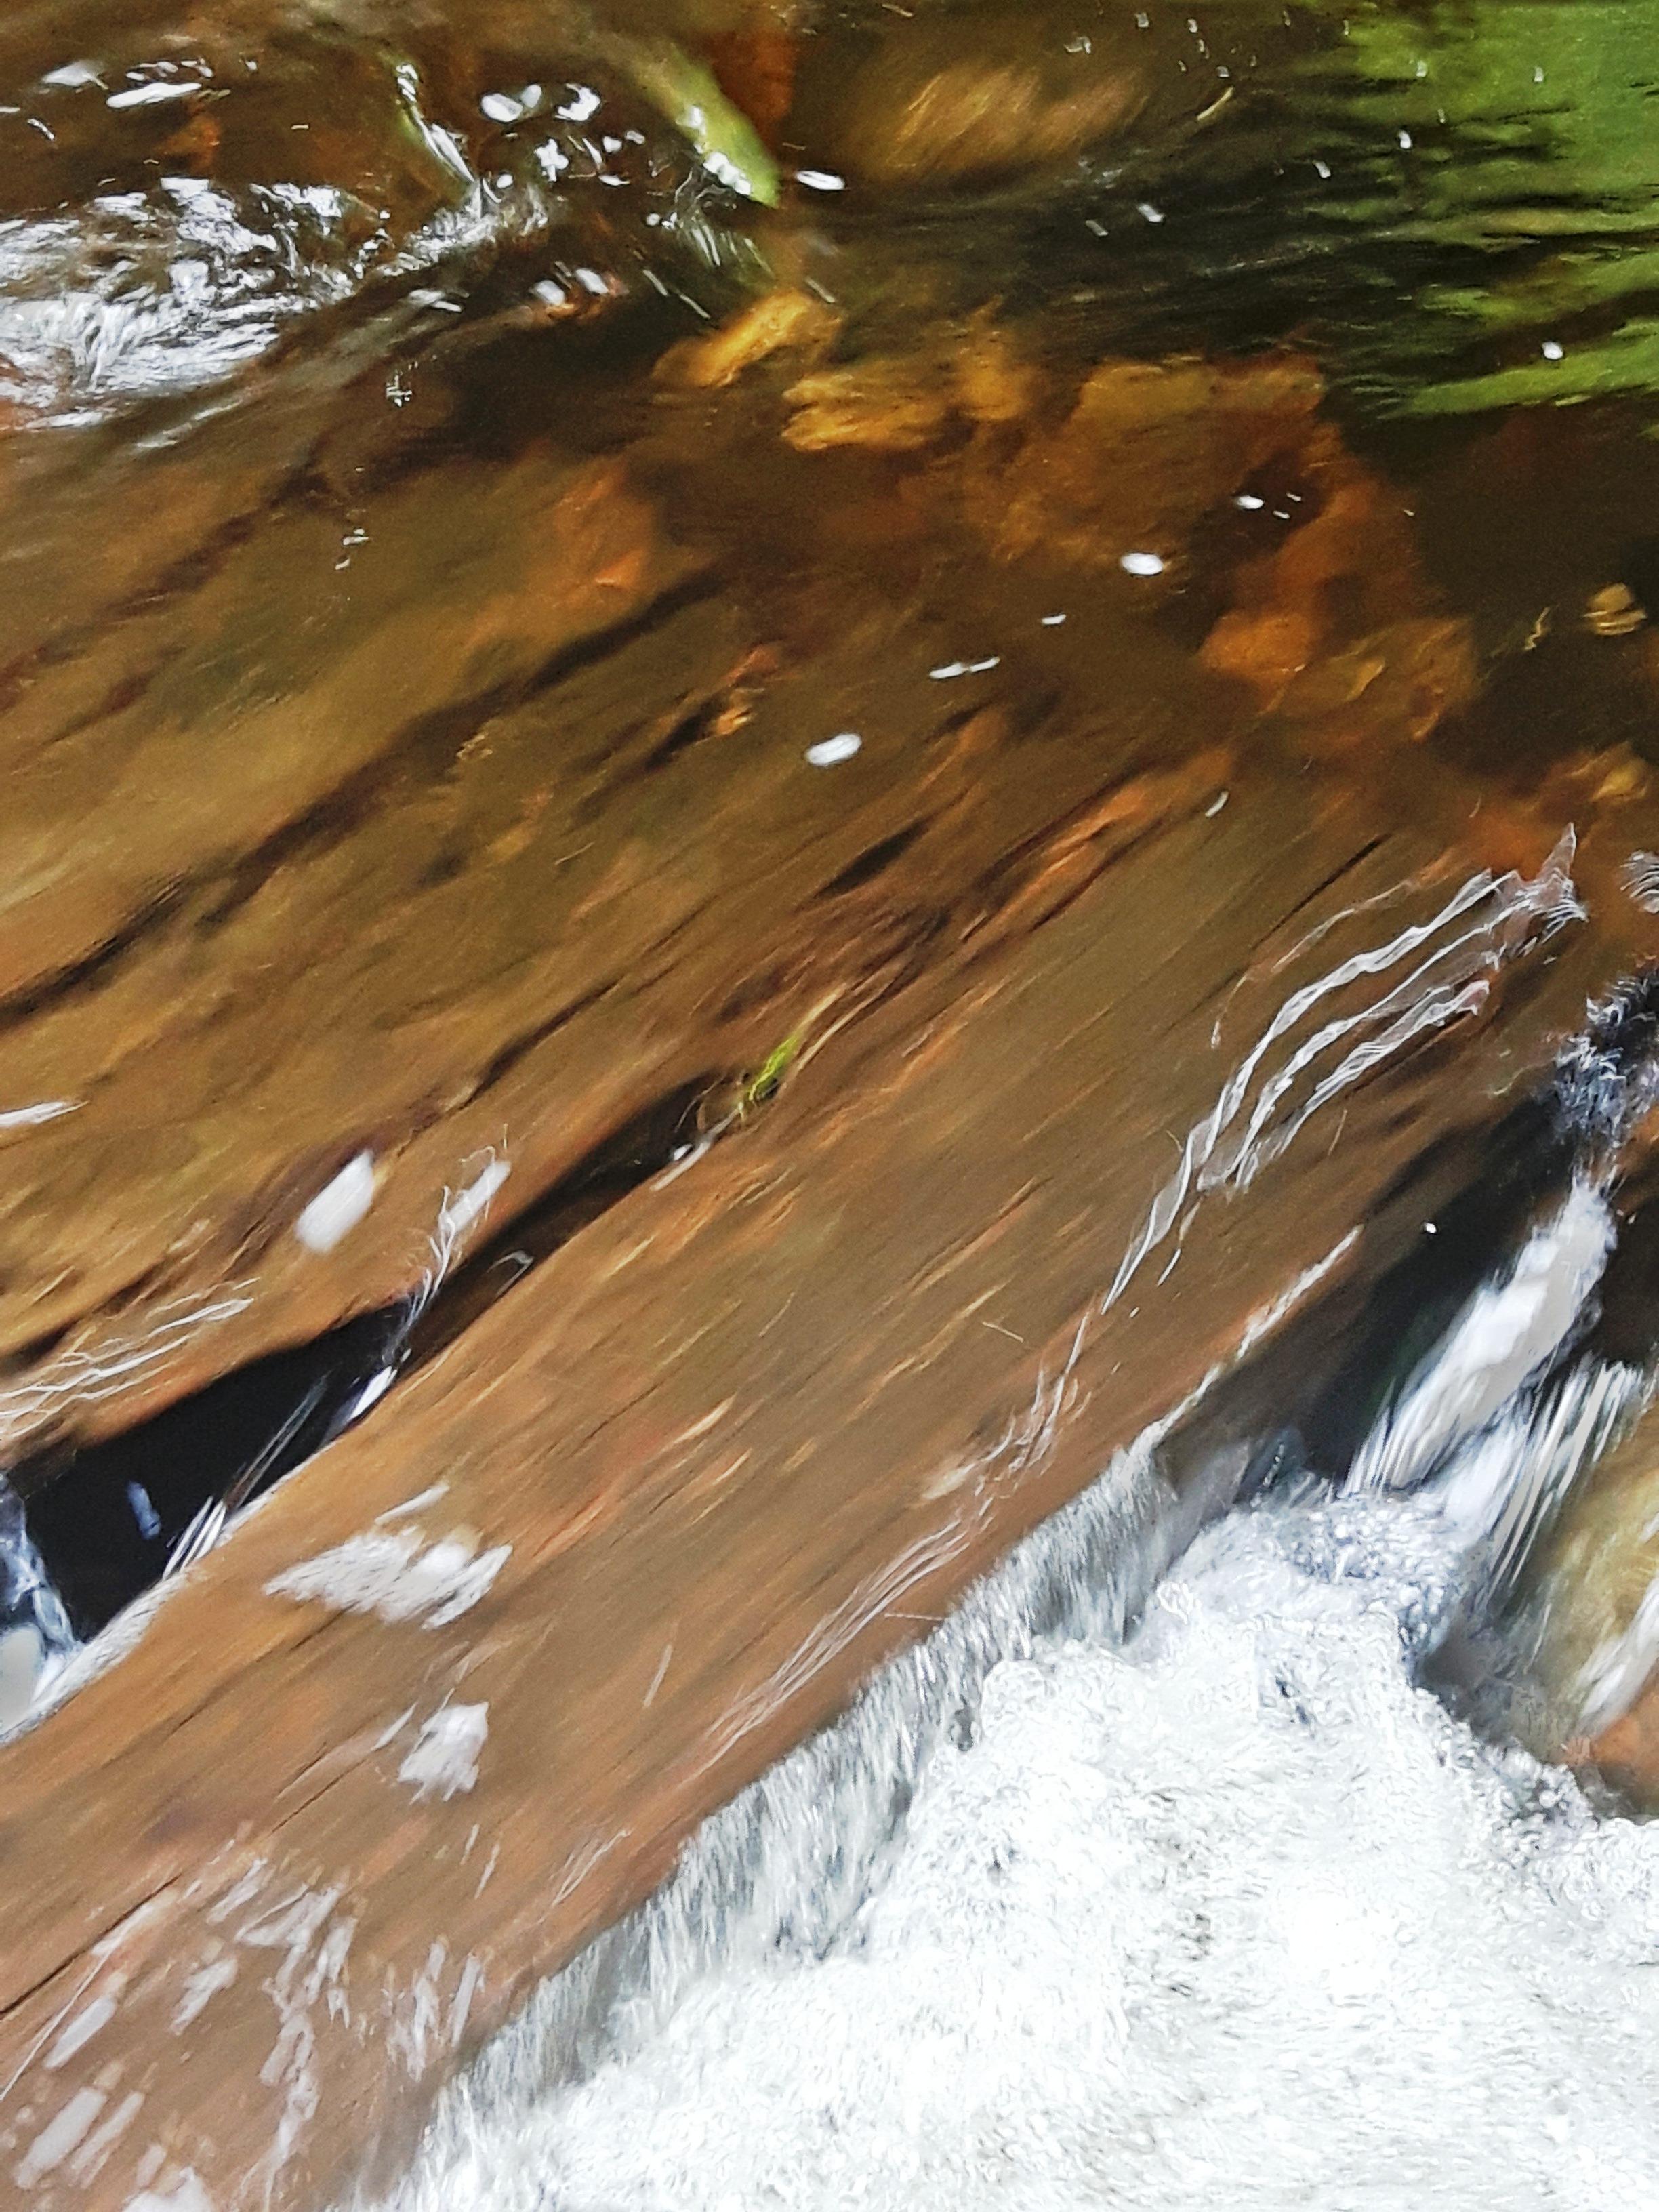 les-bois-d'eau 04.jpg